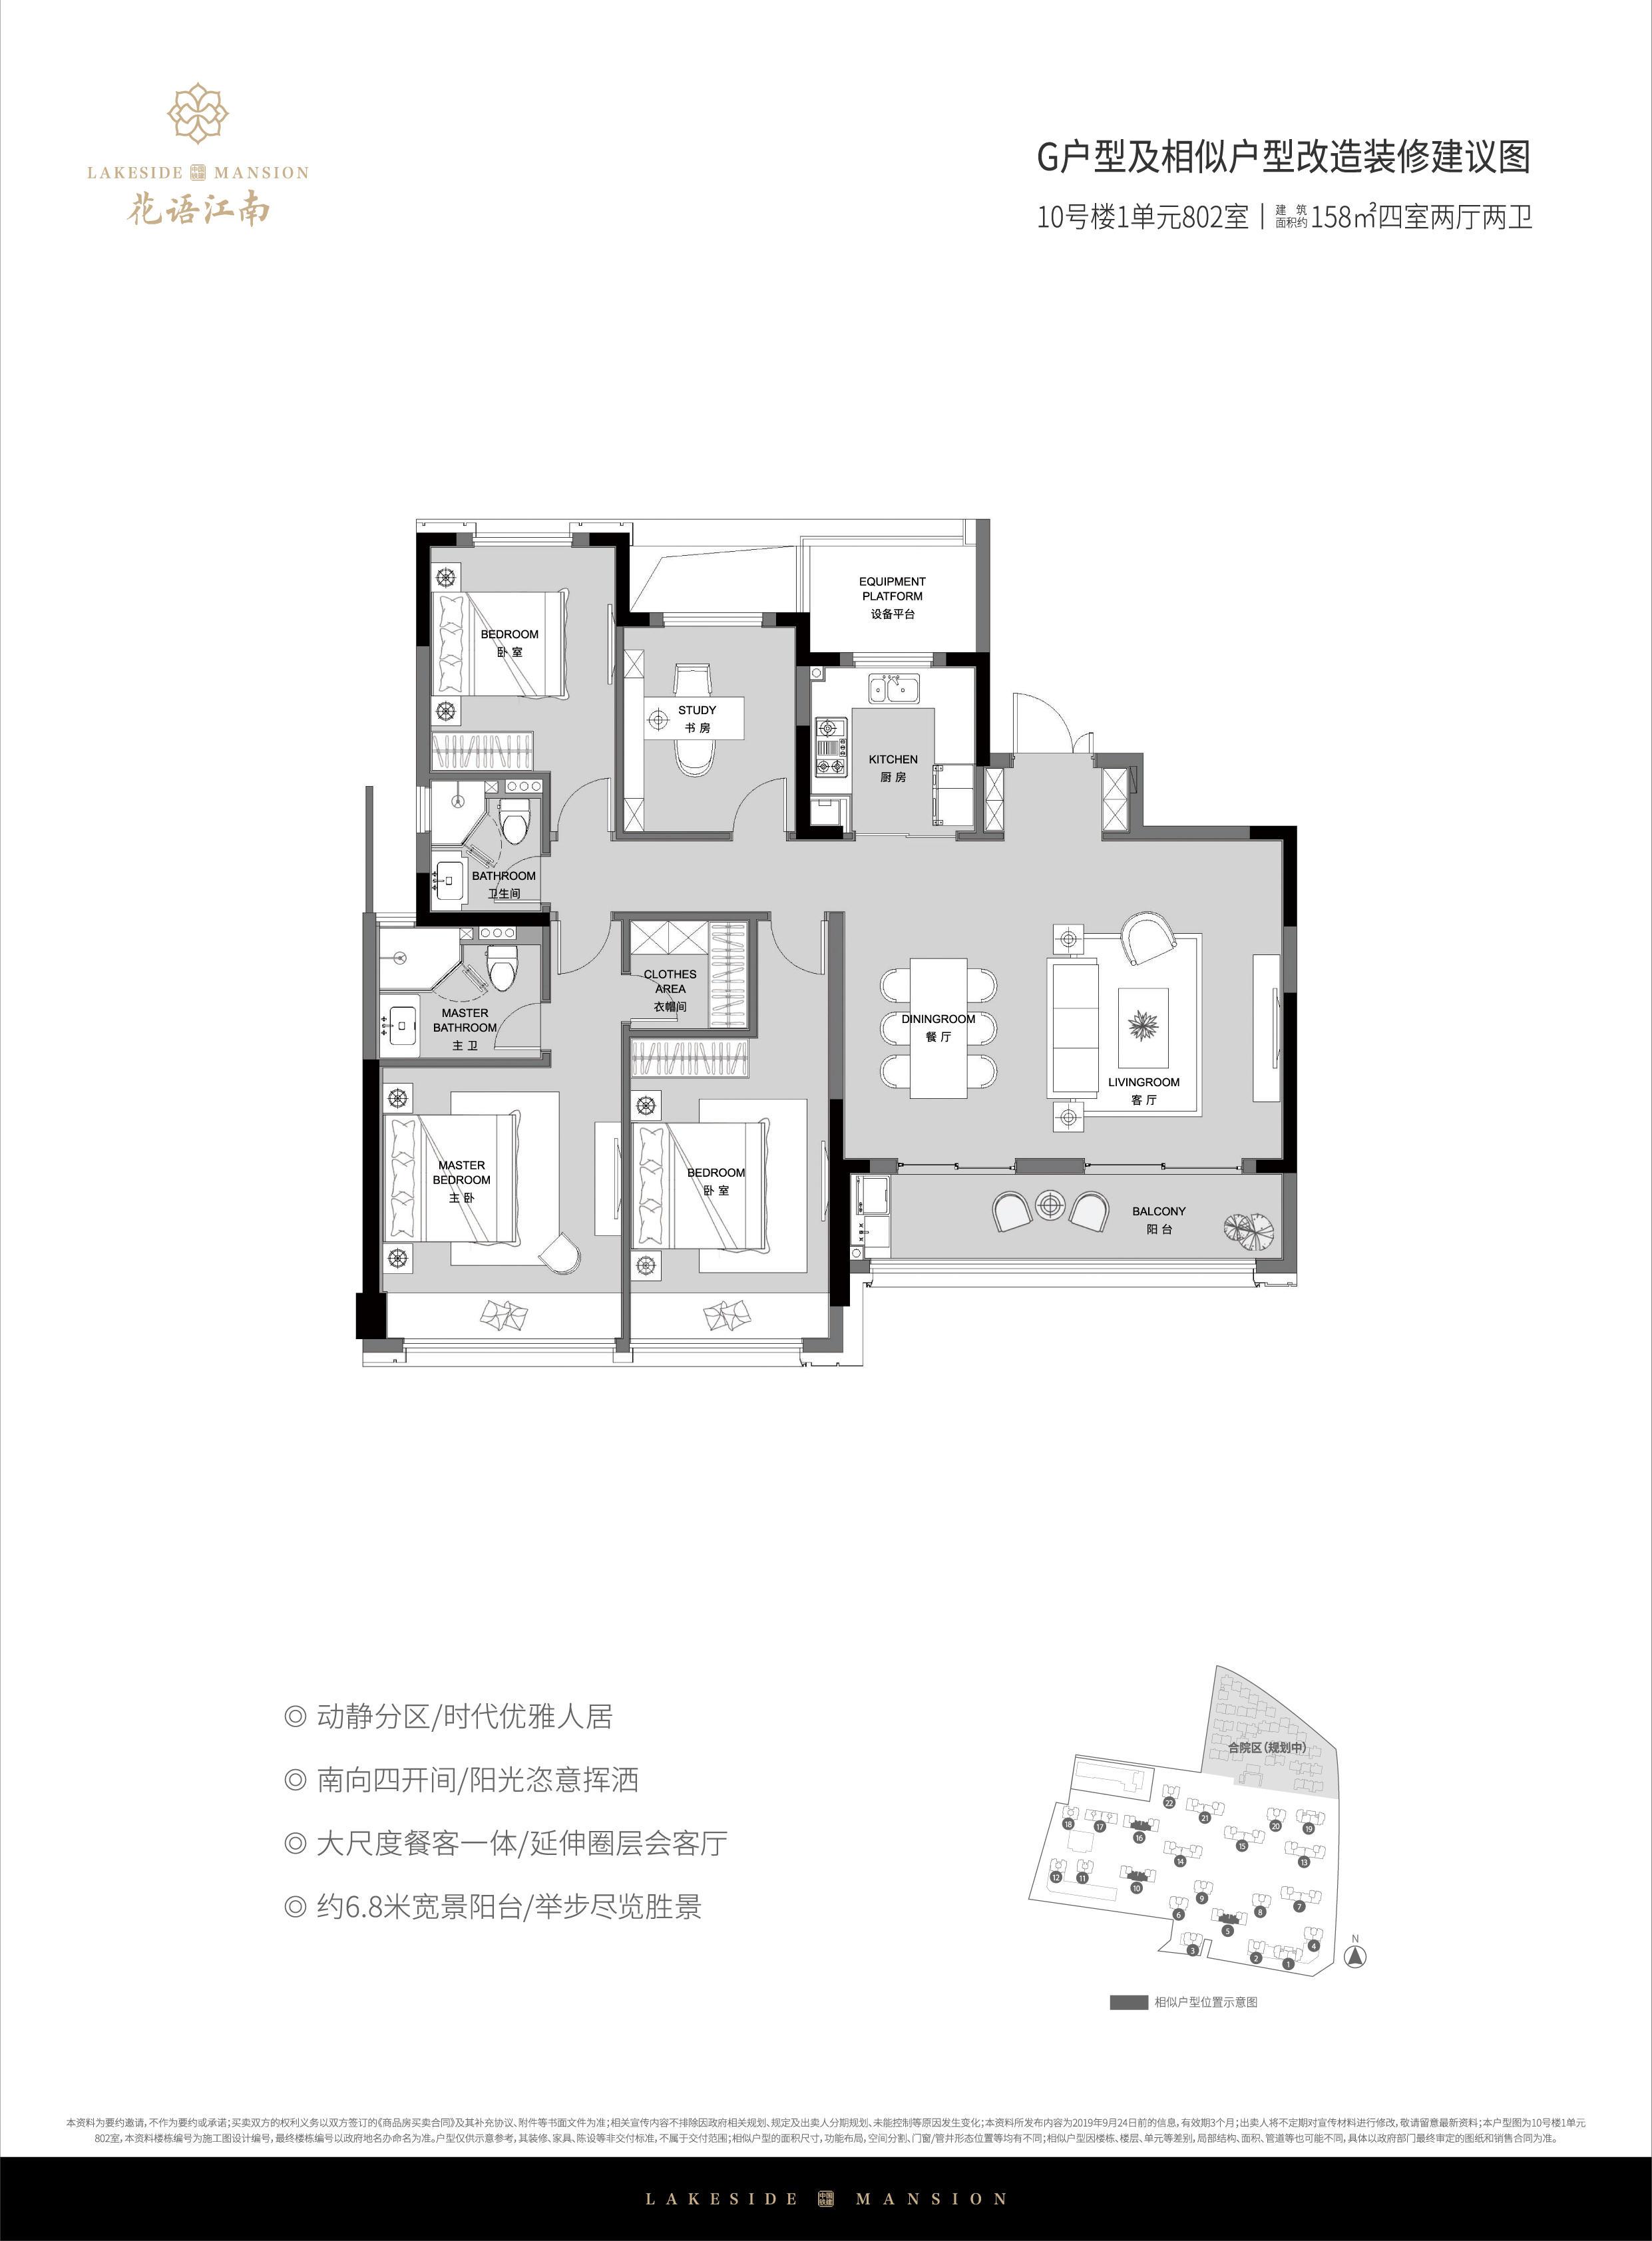 G户型 4室2厅2卫 158㎡